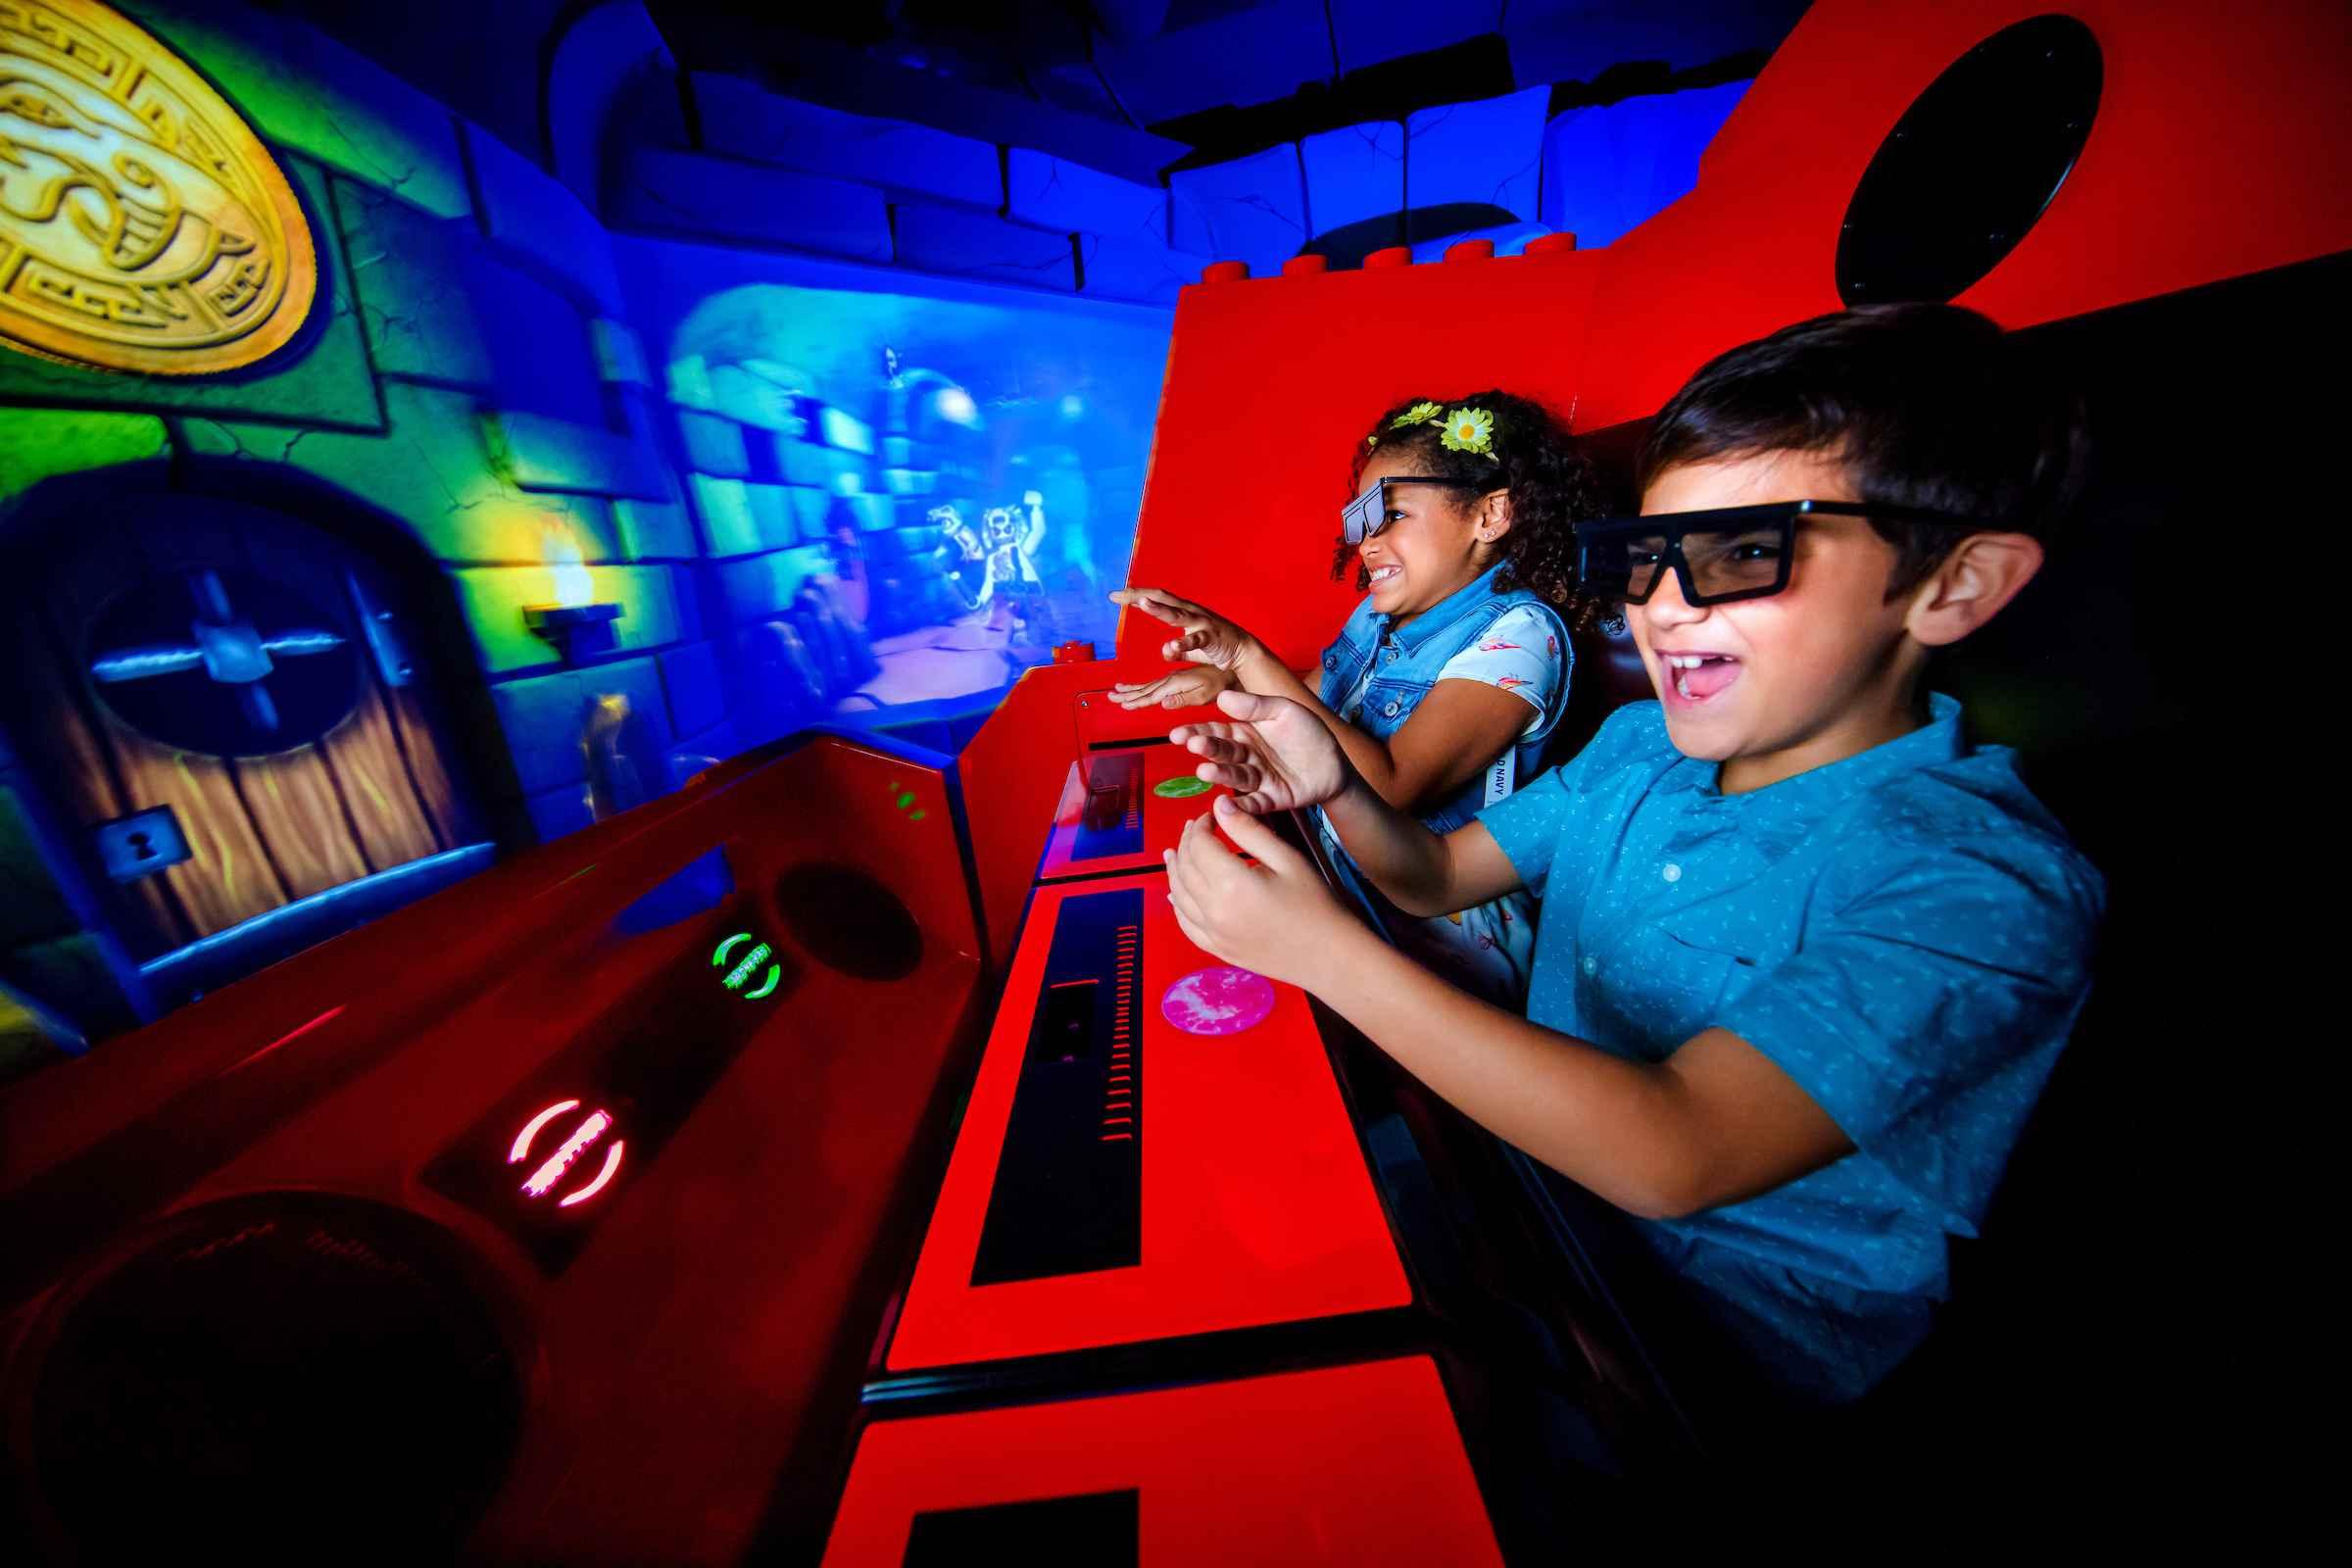 Ninjago ride at Legoland Florida